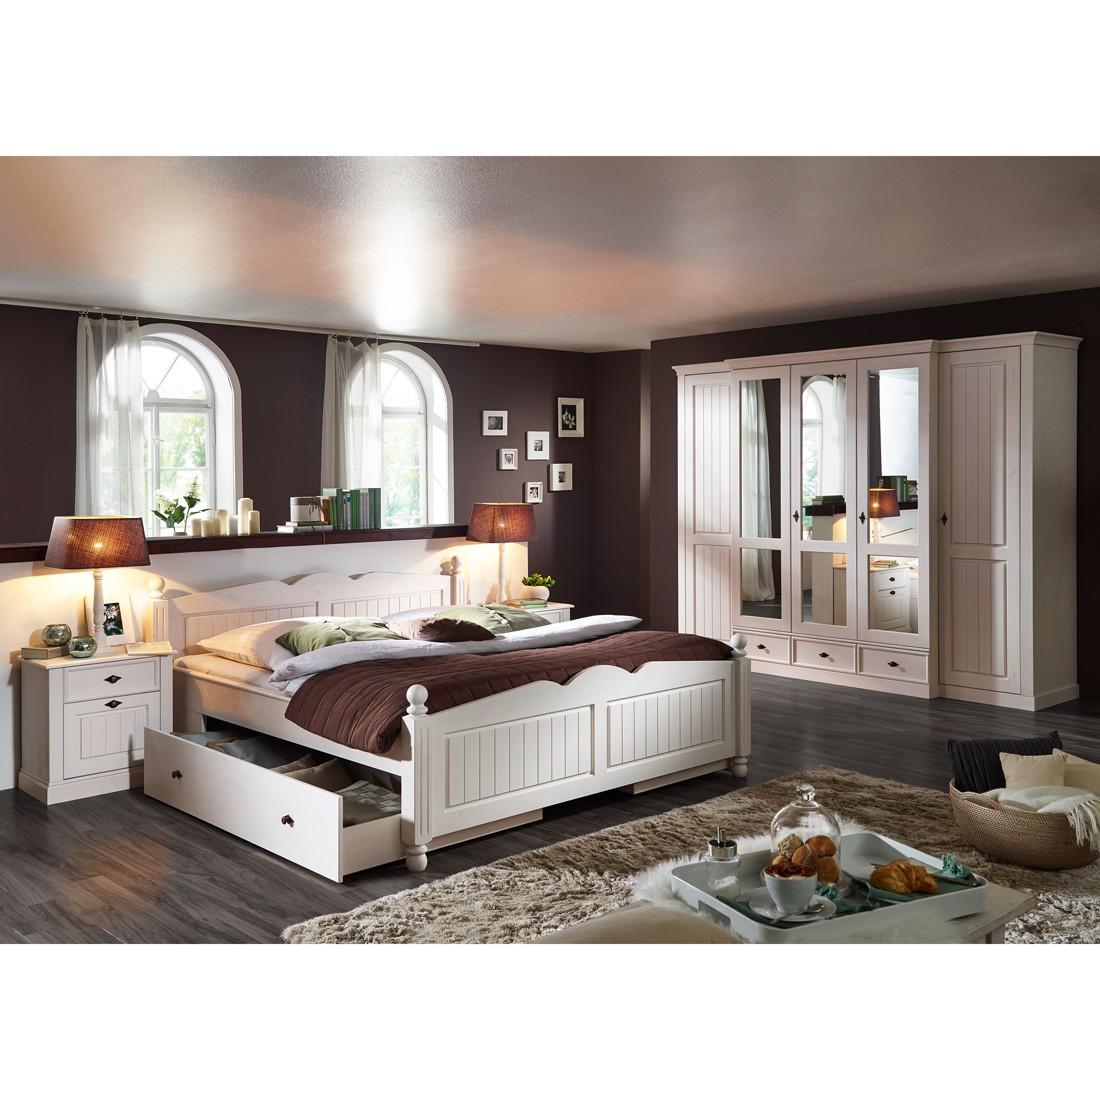 Schlafzimmerset Ischgl (5-teilig) - Kiefer massiv - Weiß inkl. Bettkästen, Jack and Alice